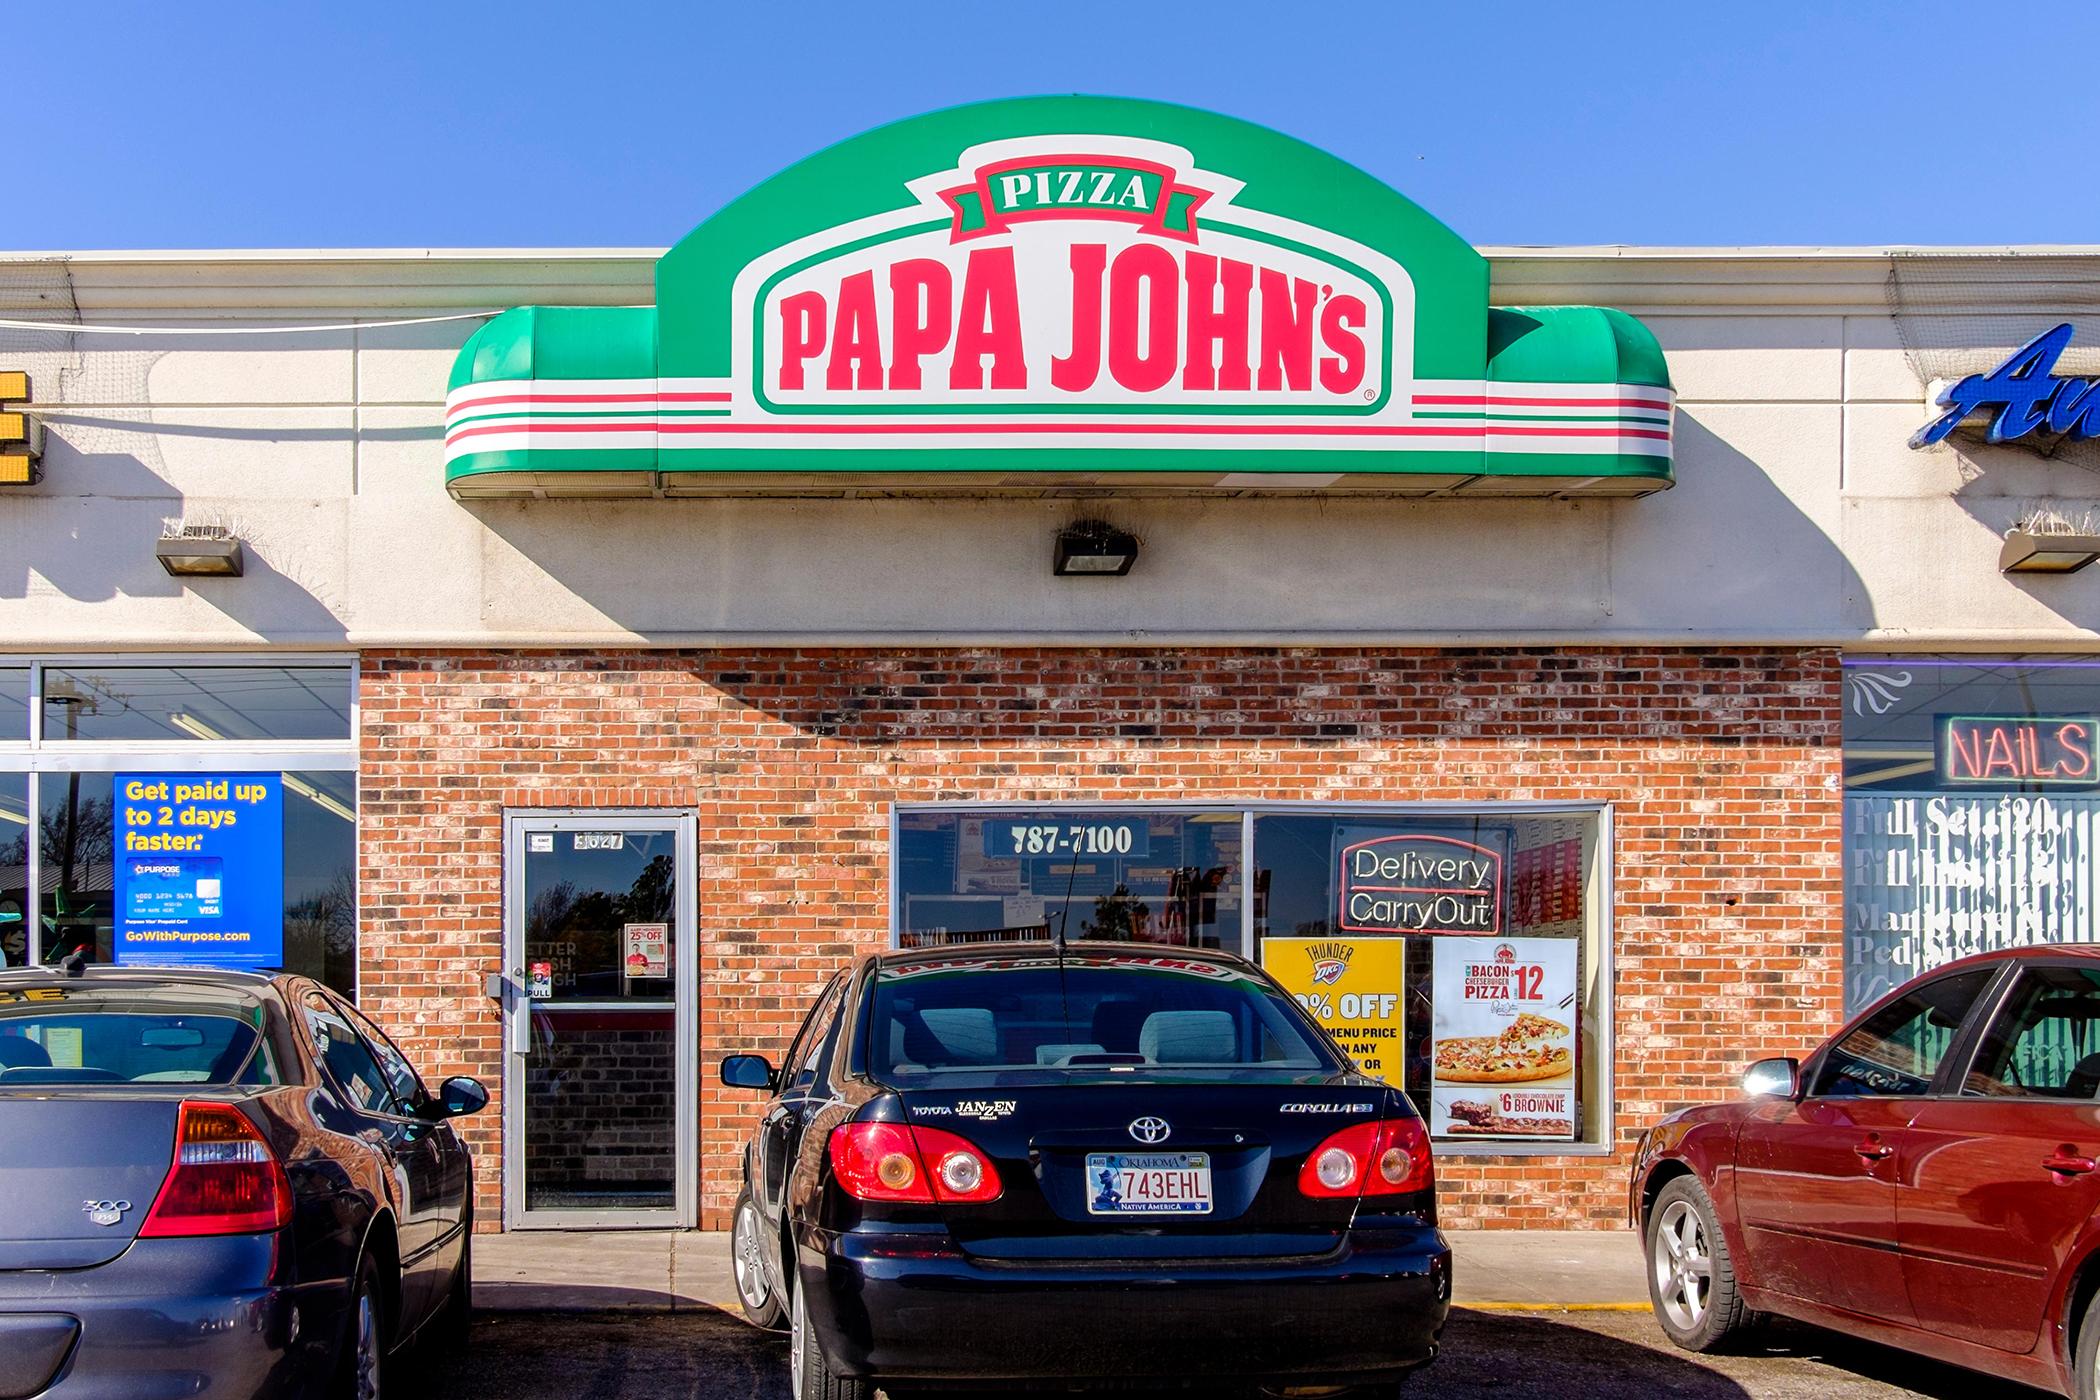 Papa John's Pizza in Oklahoma City, Oklahoma